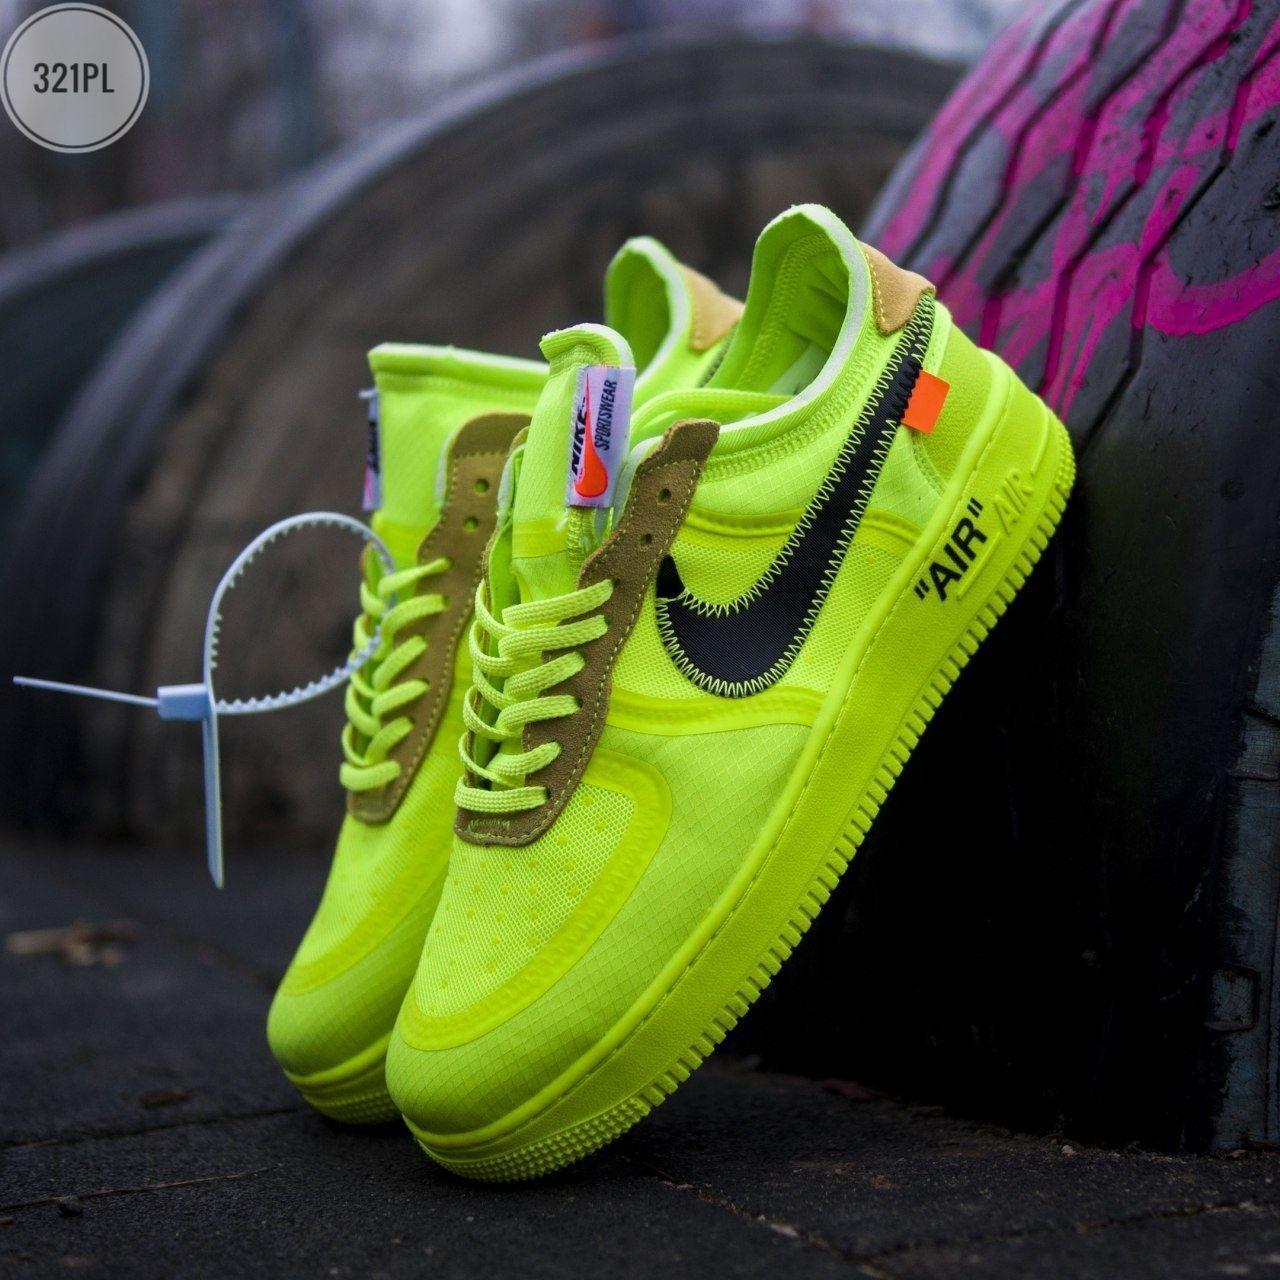 Мужские кроссовки Nike Air Force Х Оff-Whіte green